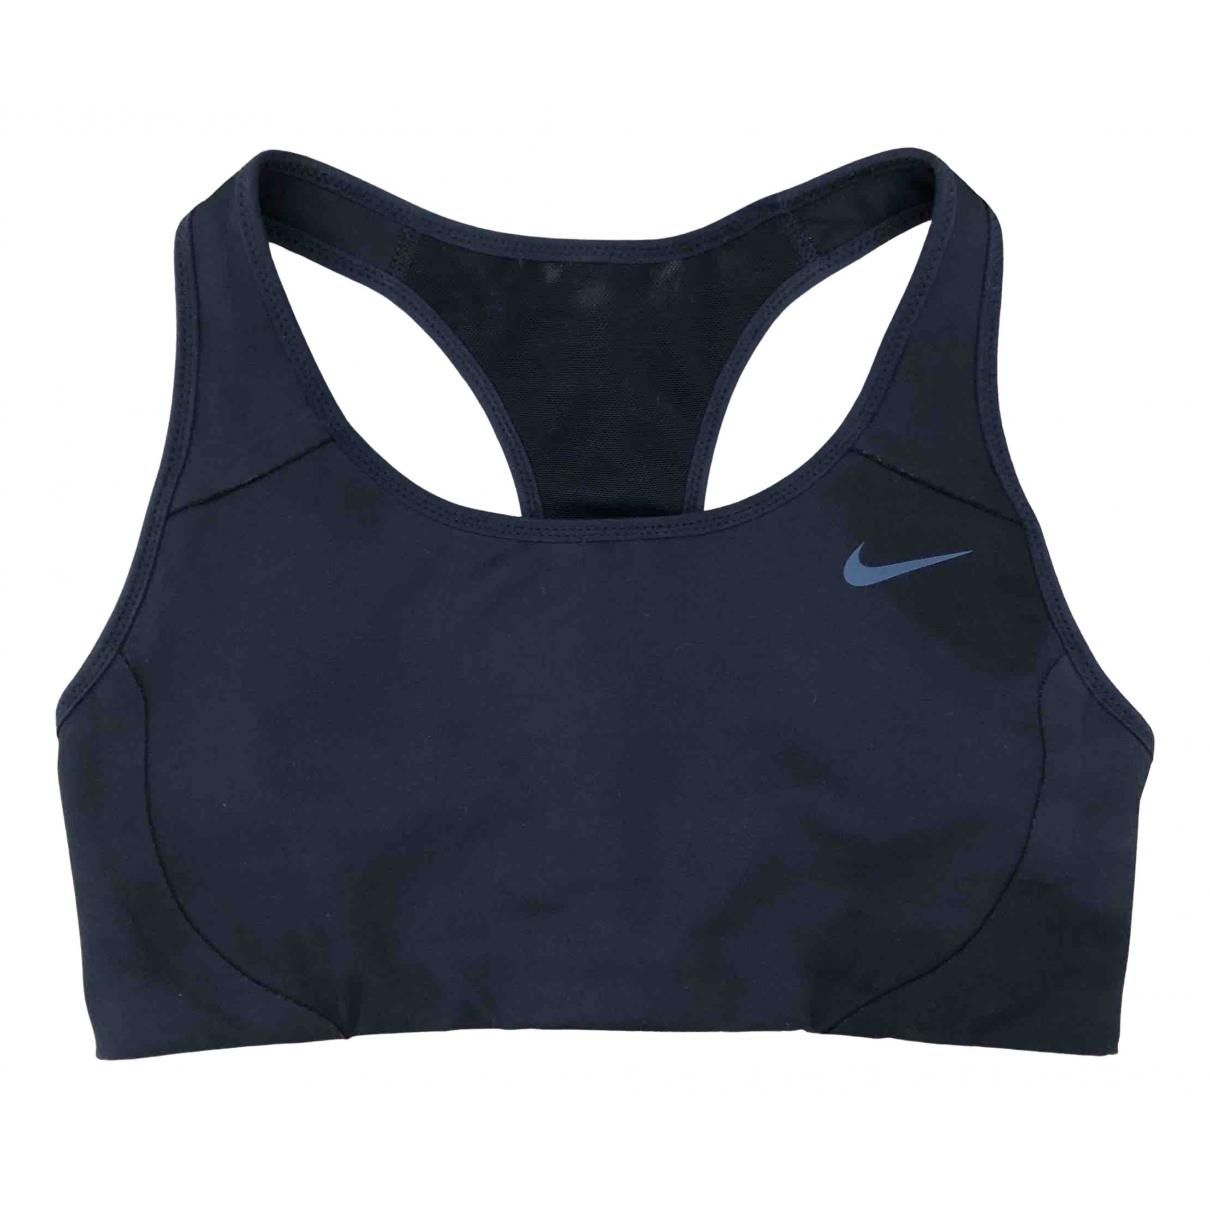 Nike \N Top in  Schwarz Polyester